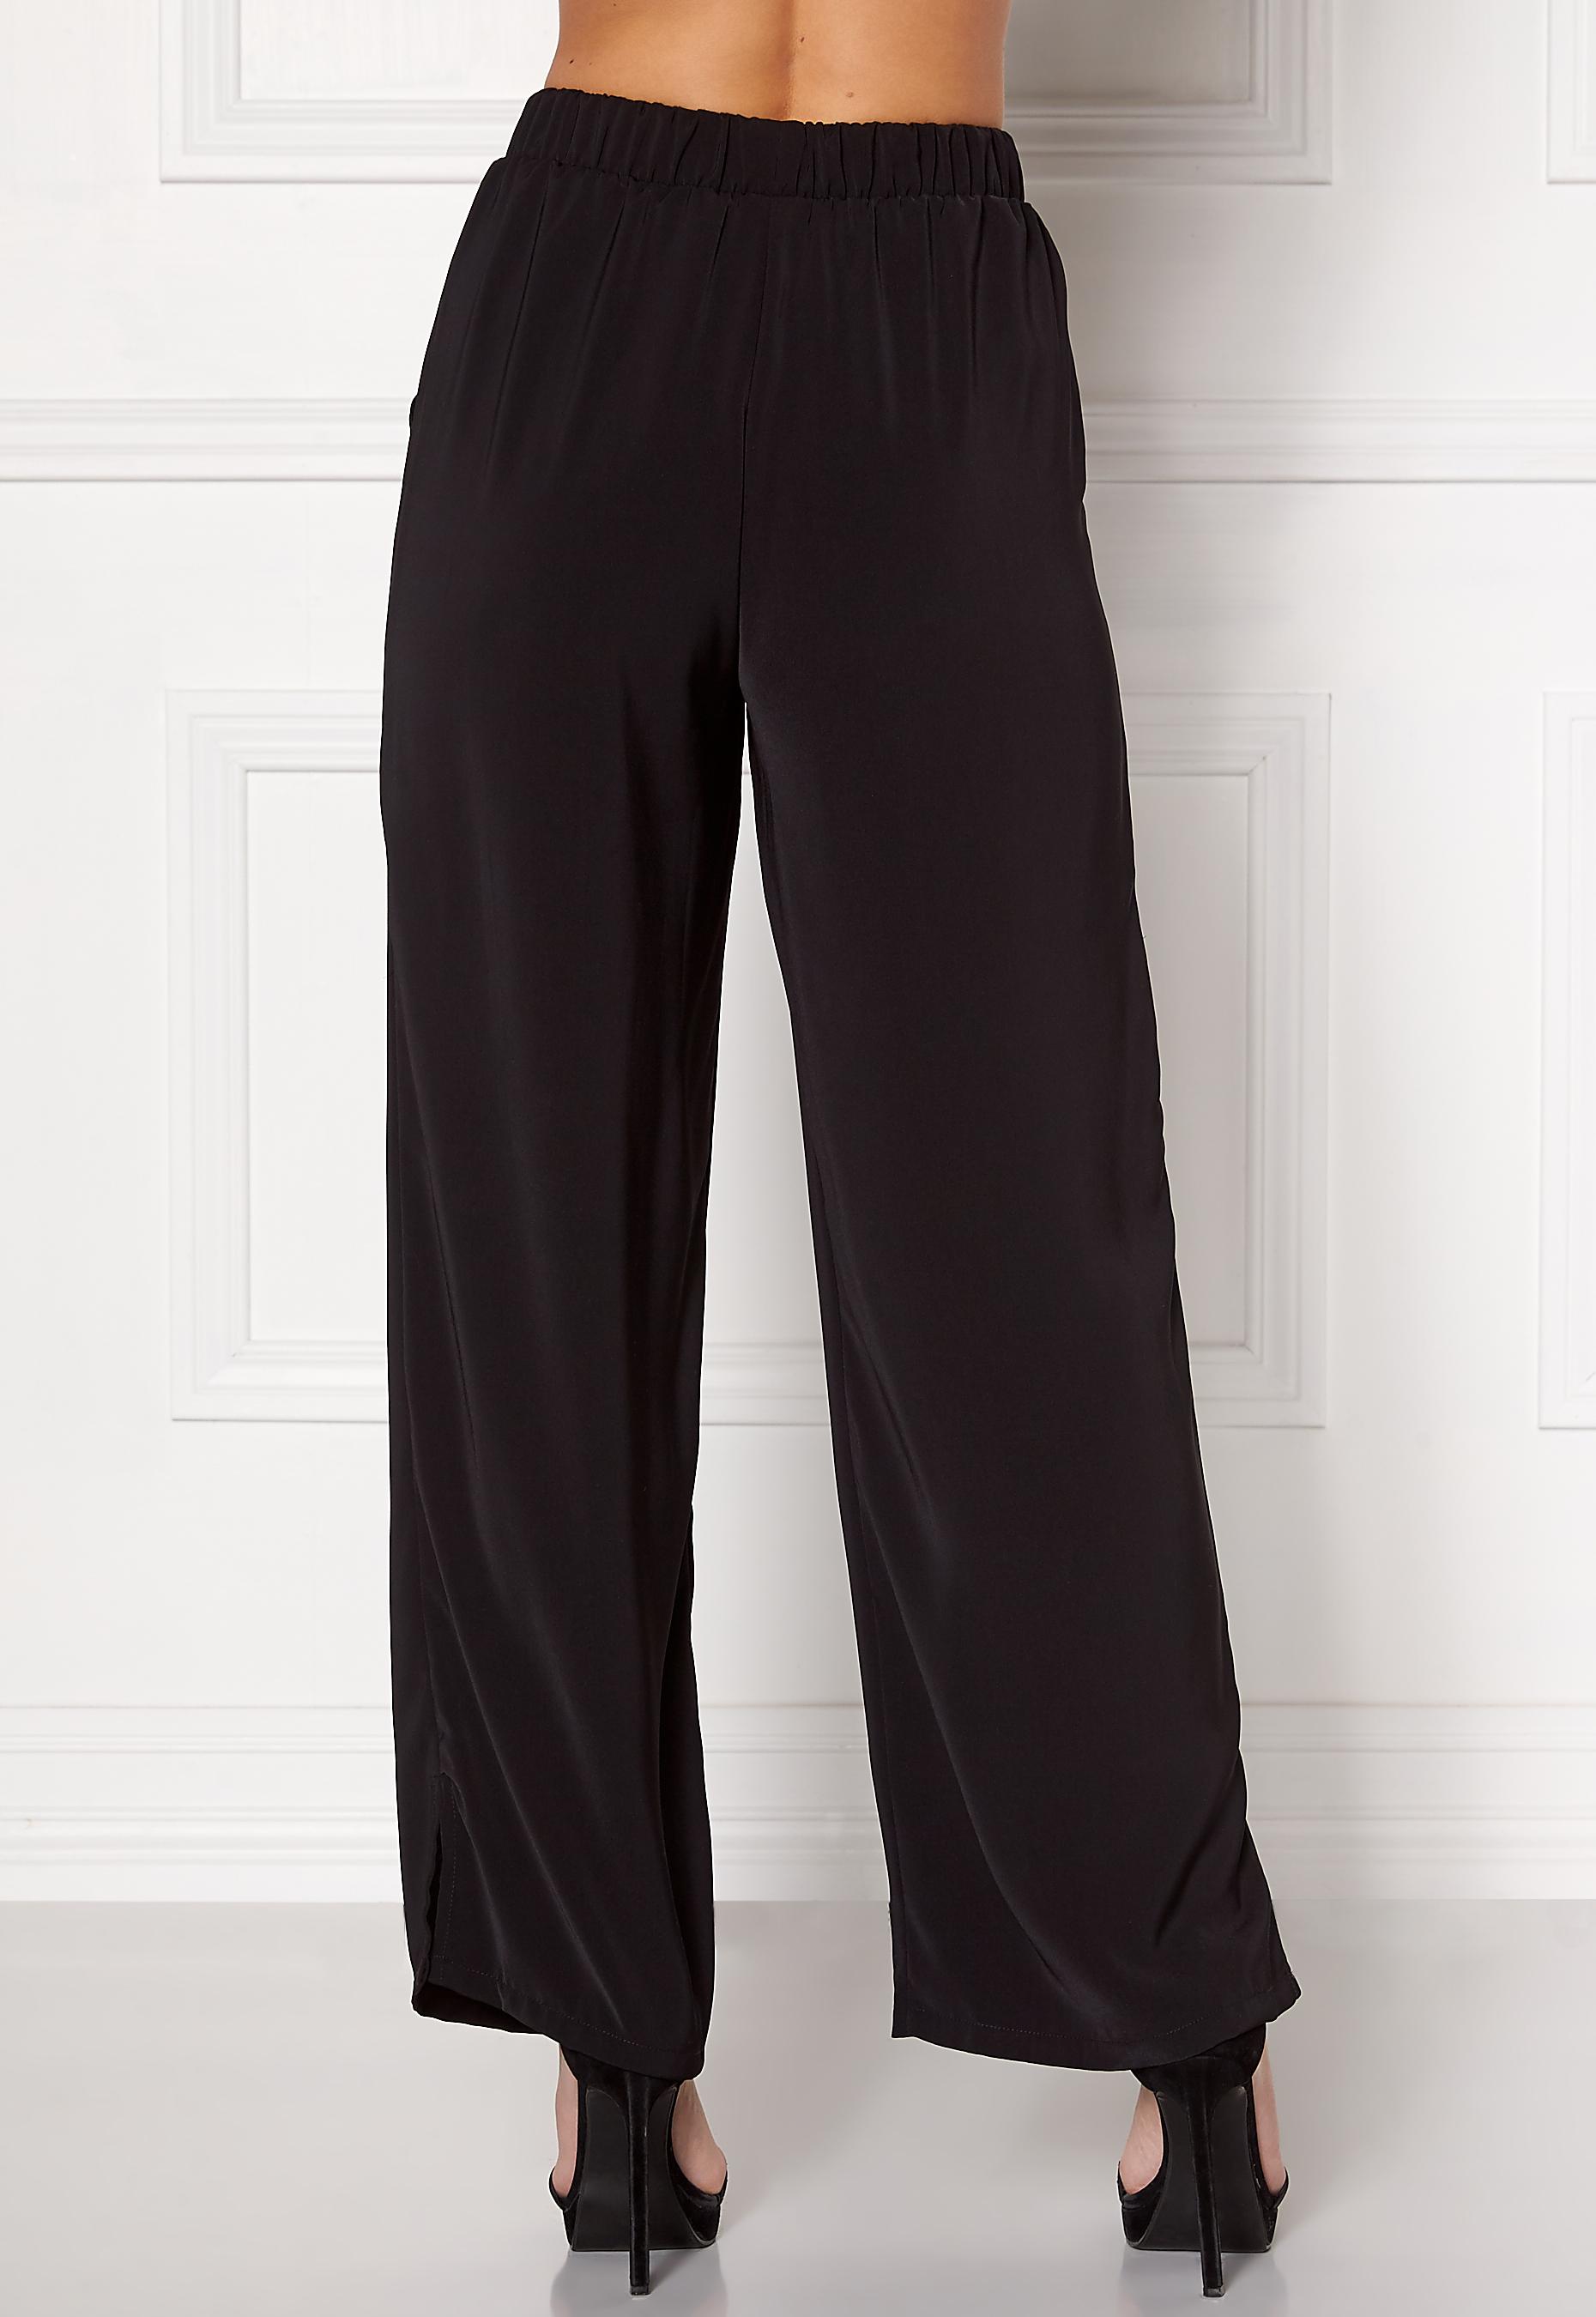 VILA Boarders Wide Pant Black - Bubbleroom 5c3fdb04be9c0